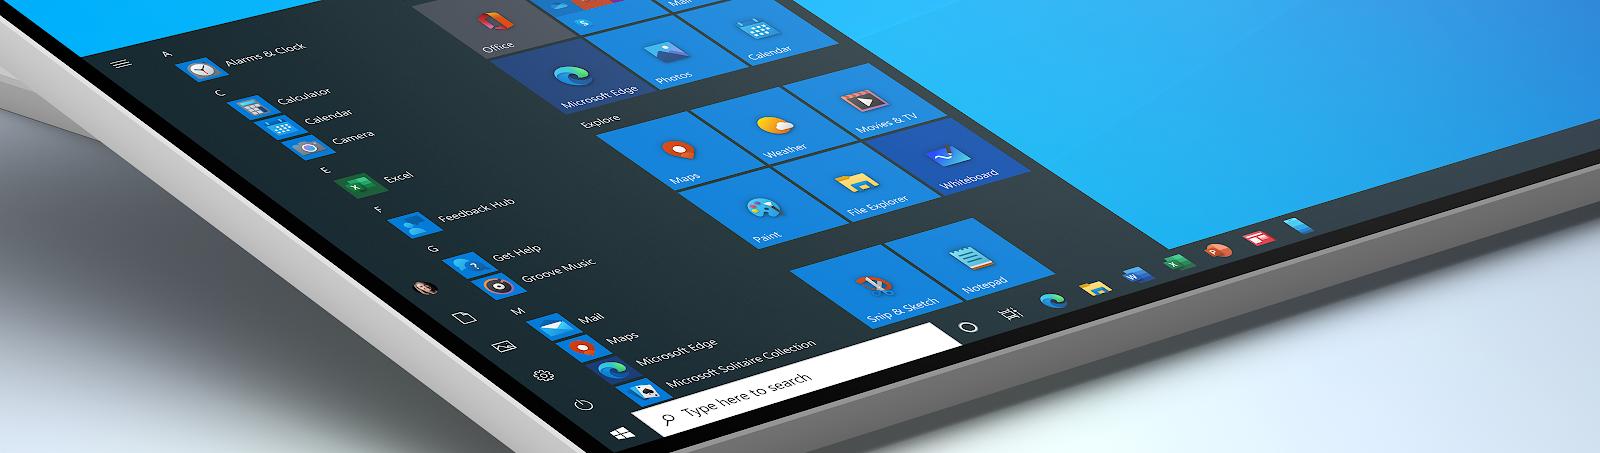 Microsoft-presenta-ufficialmente-nuove-icone-windows-10